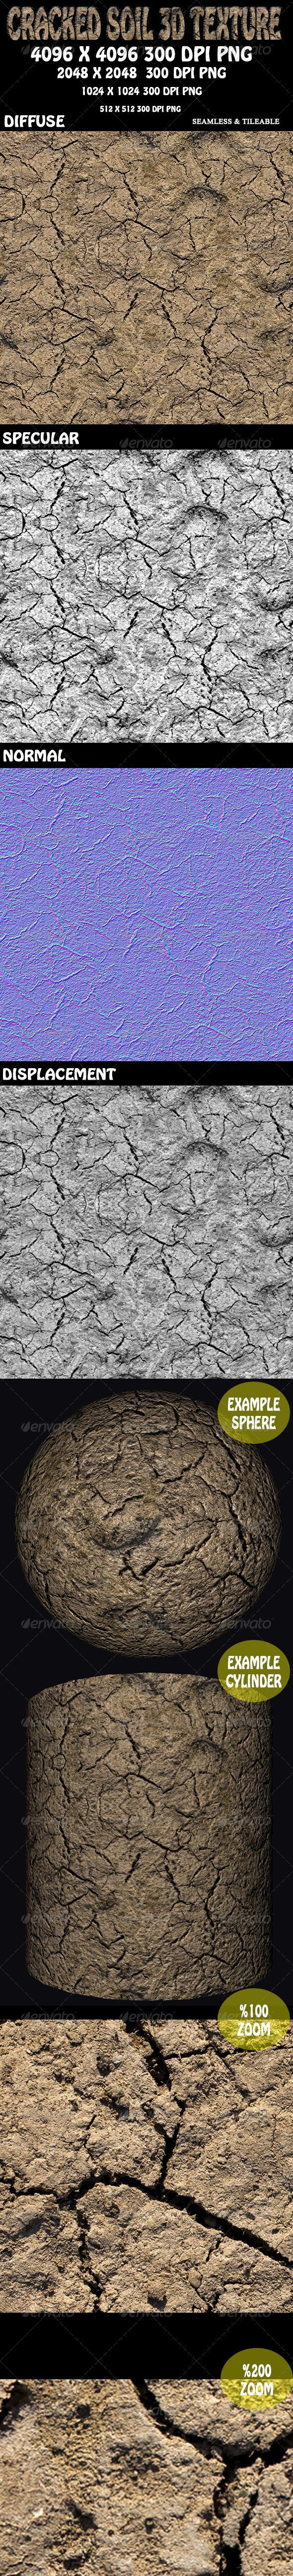 Cracked Soil 1 3D Texture